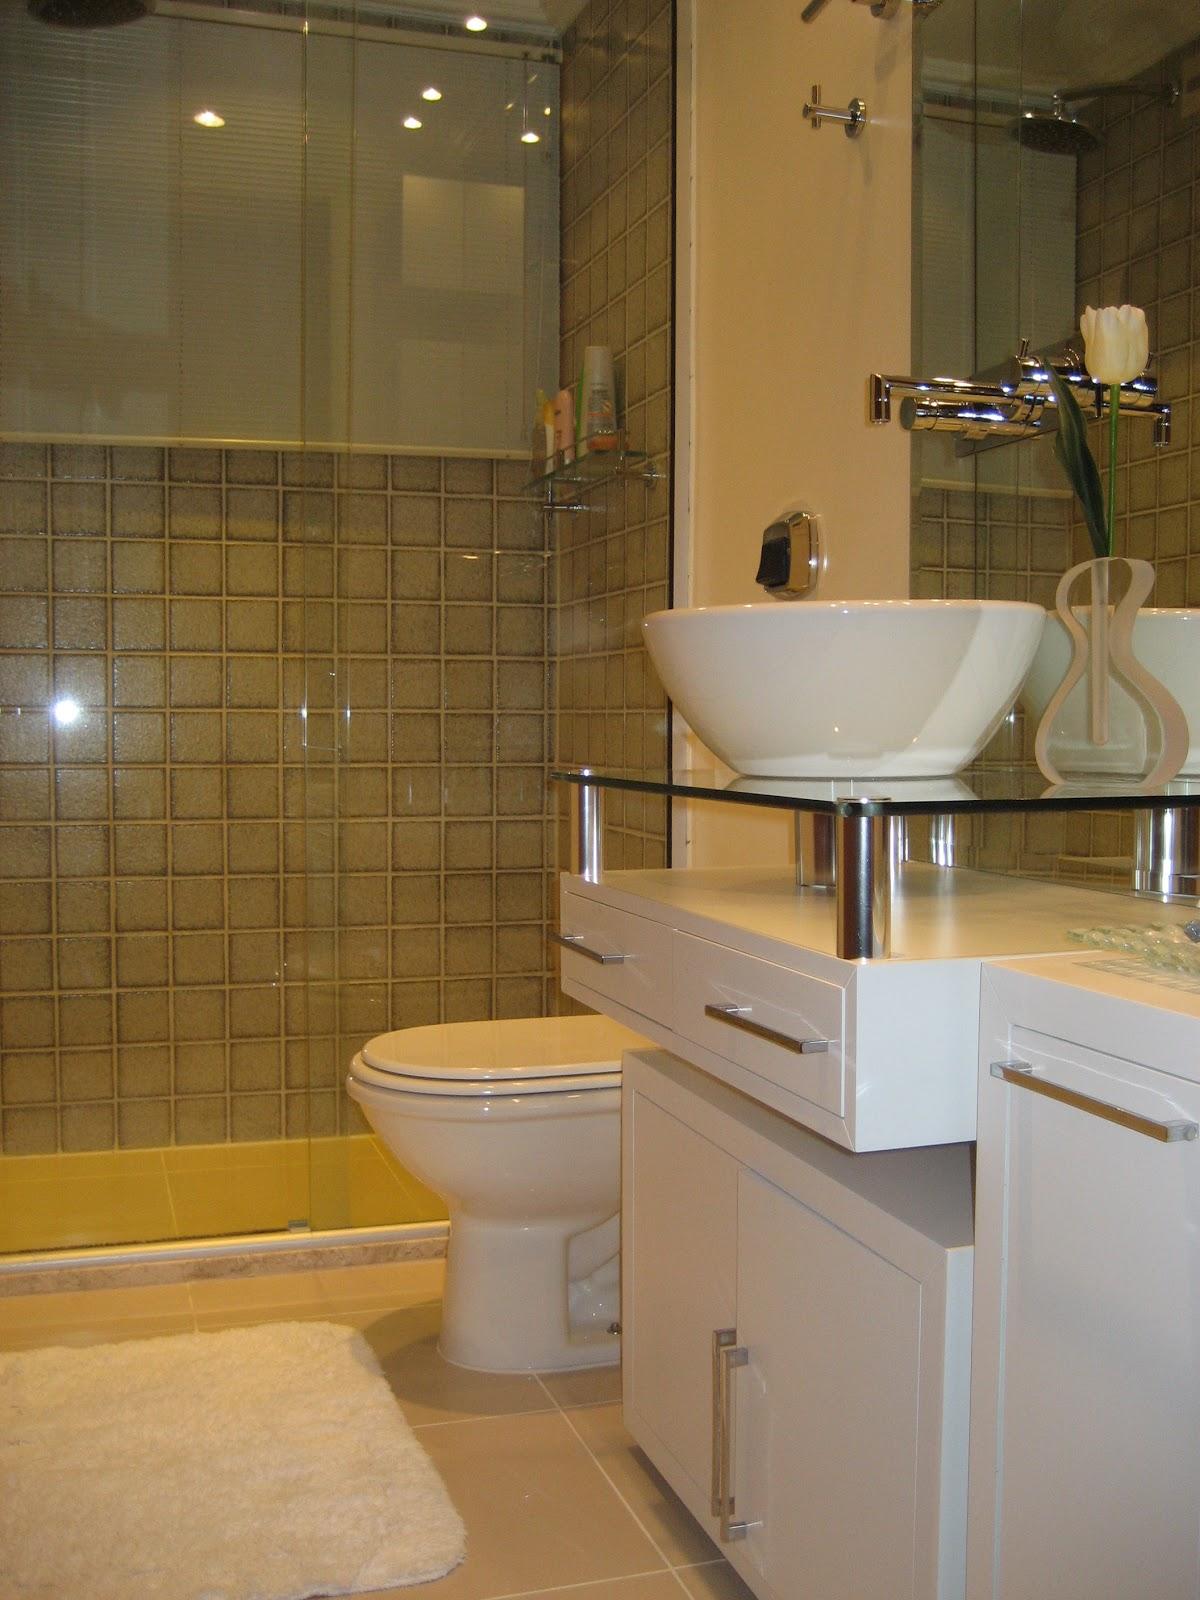 #966F35 Reciclar reformar e decorar.: Banheiros 1200x1600 px Banheiros Bonitos Fotos 1519